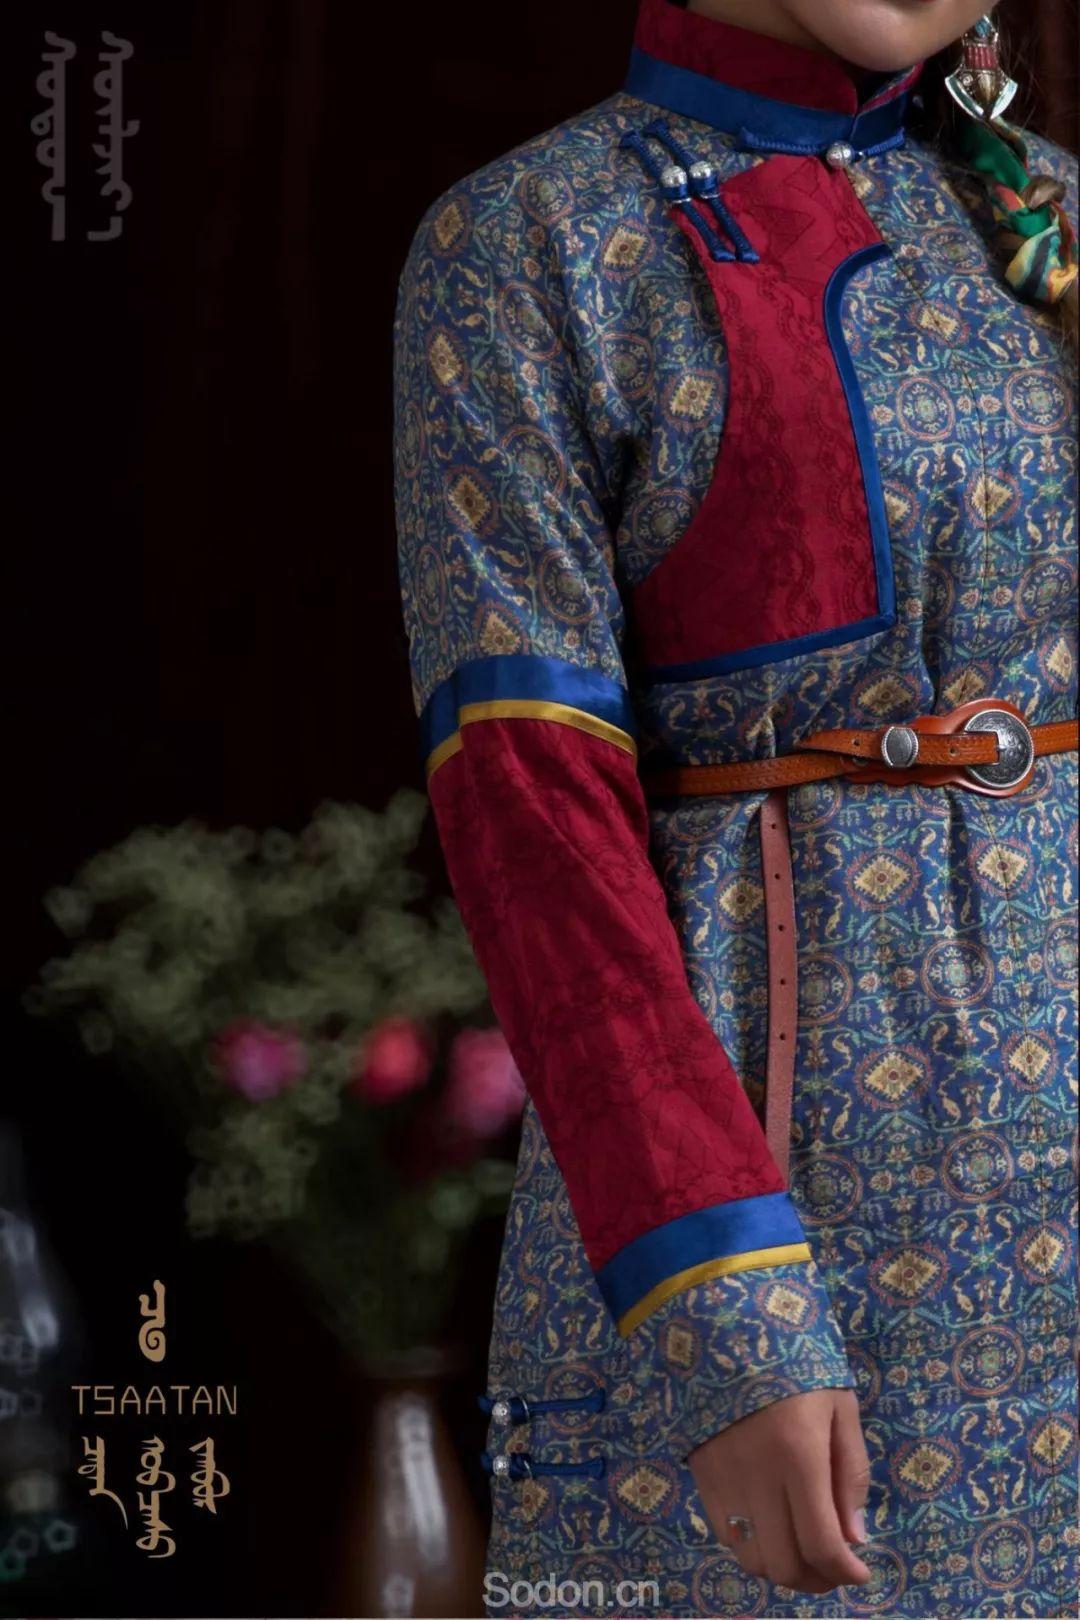 TSAATAN蒙古时装 2019新款,来自驯鹿人的独特魅力! 第92张